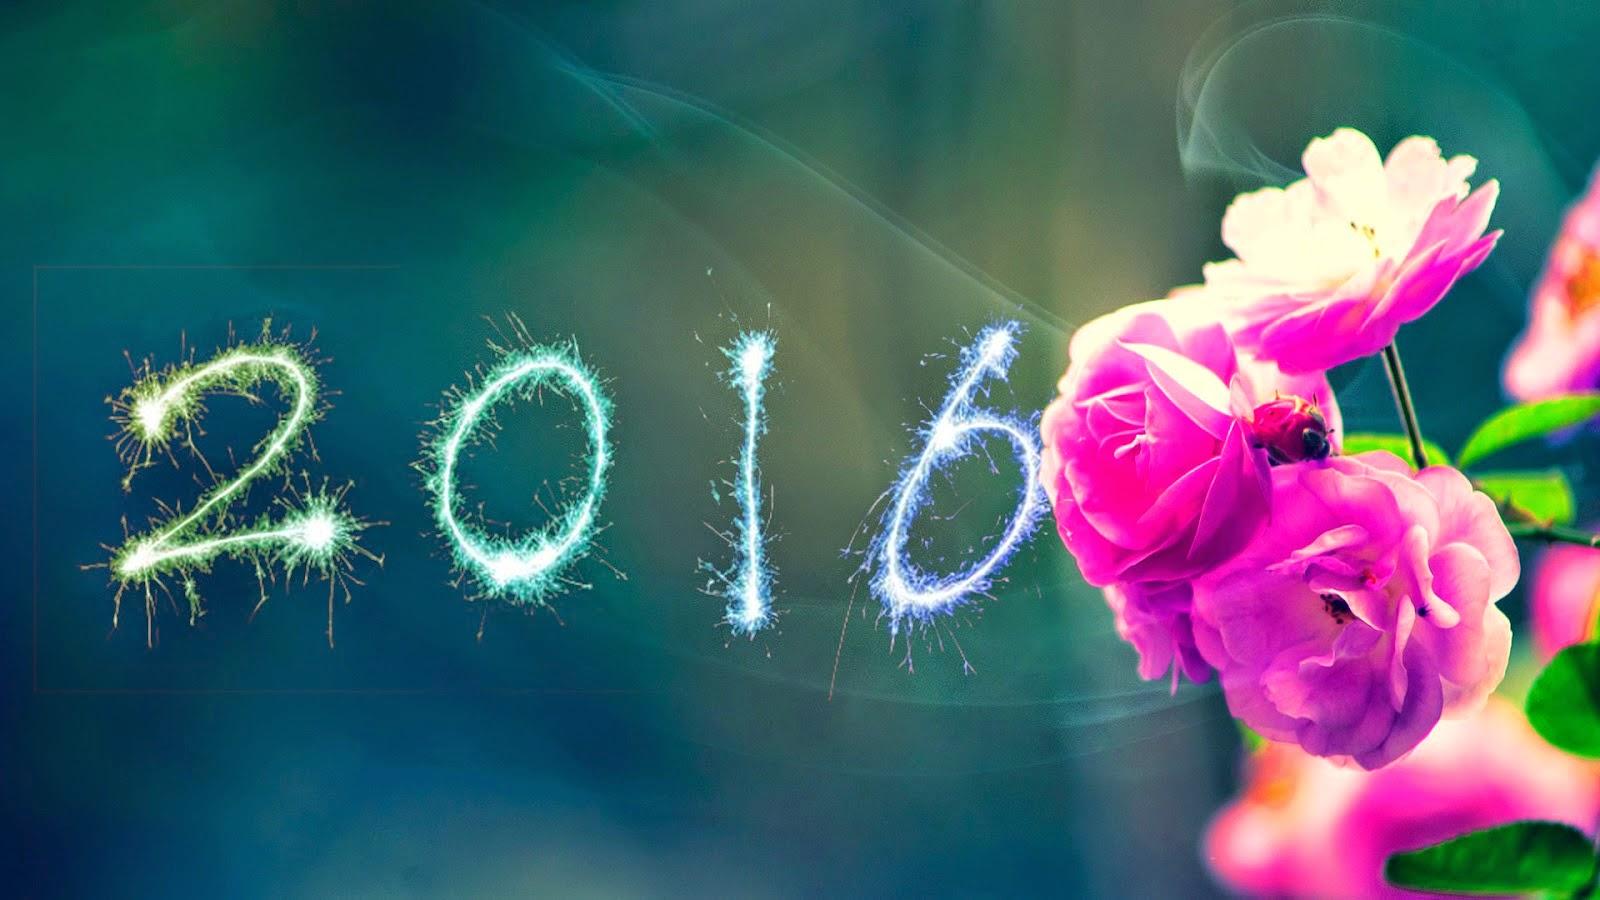 Gambar DP BBM Terbaru Selamat Tahun Baru Happy New Year 2016